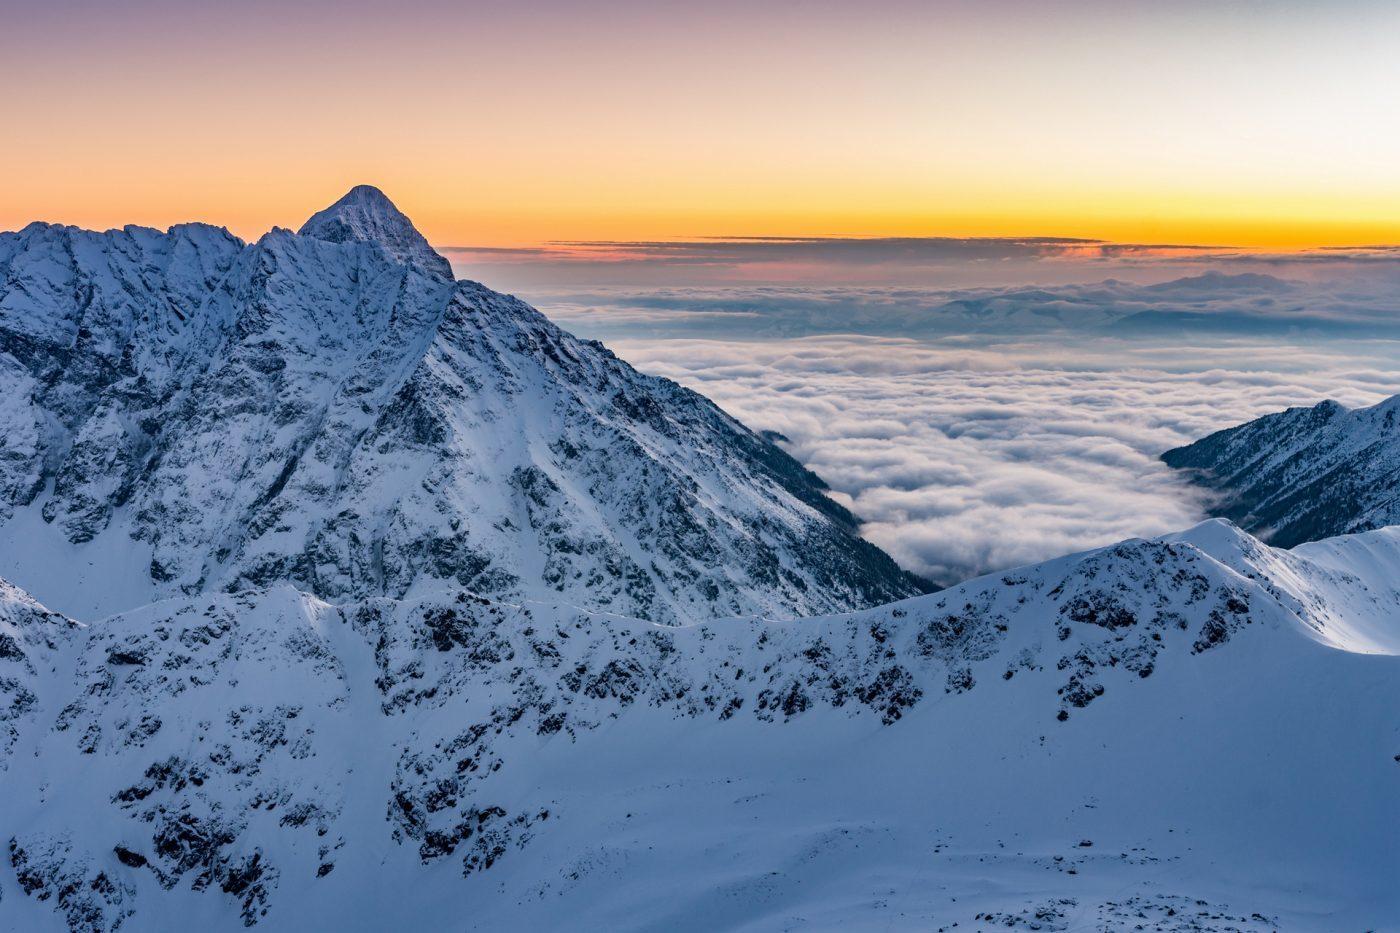 Po pas śniegu w Tatrach, zamknięte szlaki w Bieszczadach – zobacz!